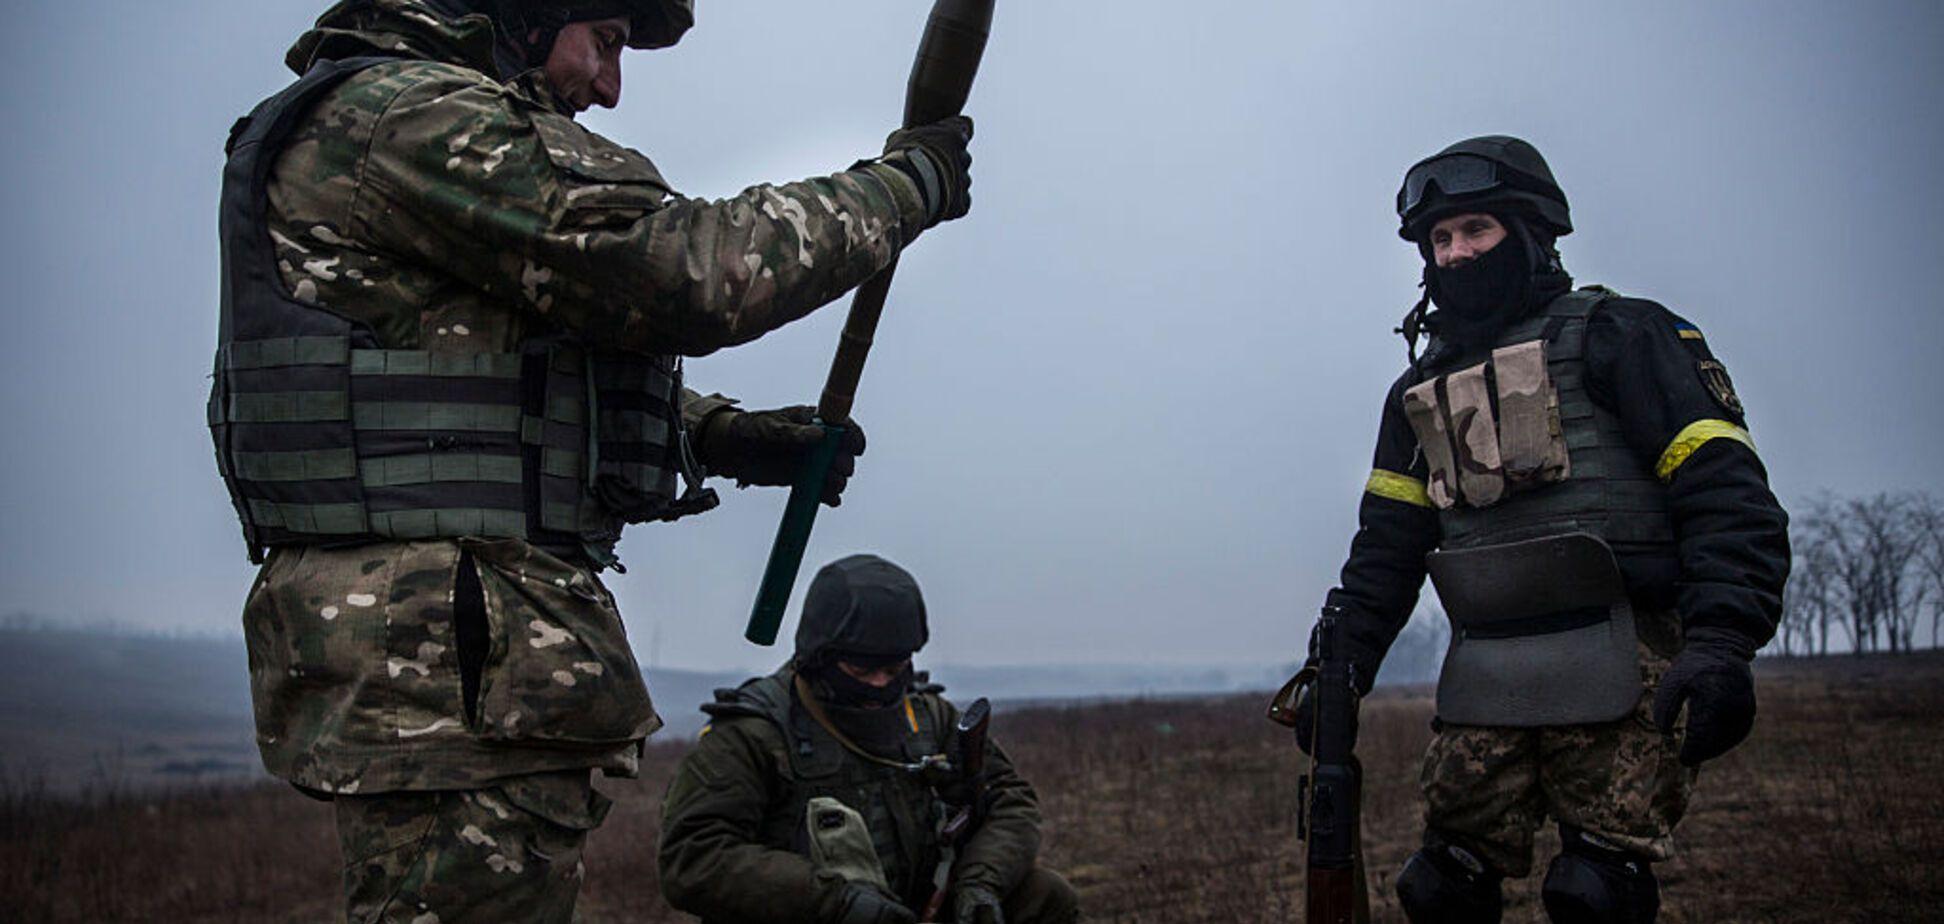 Убийство ребенка на Донбассе: появились подробности трагедии и фото